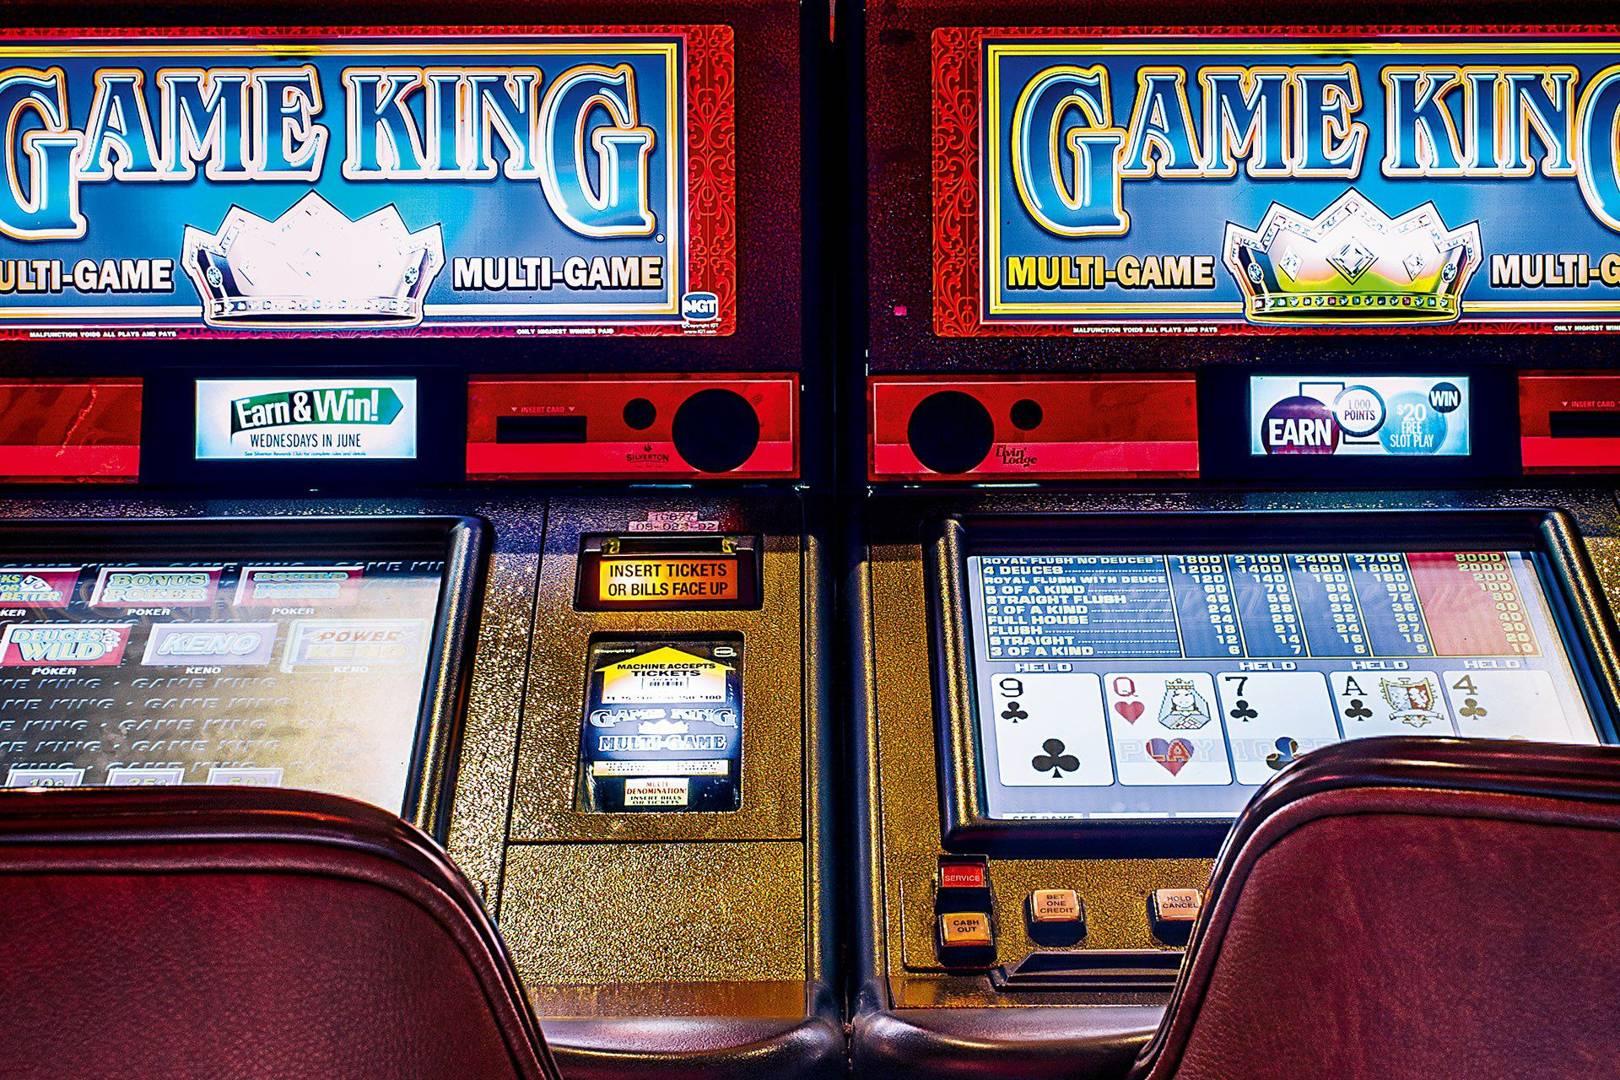 Zapping slot machines gambling hotels pa